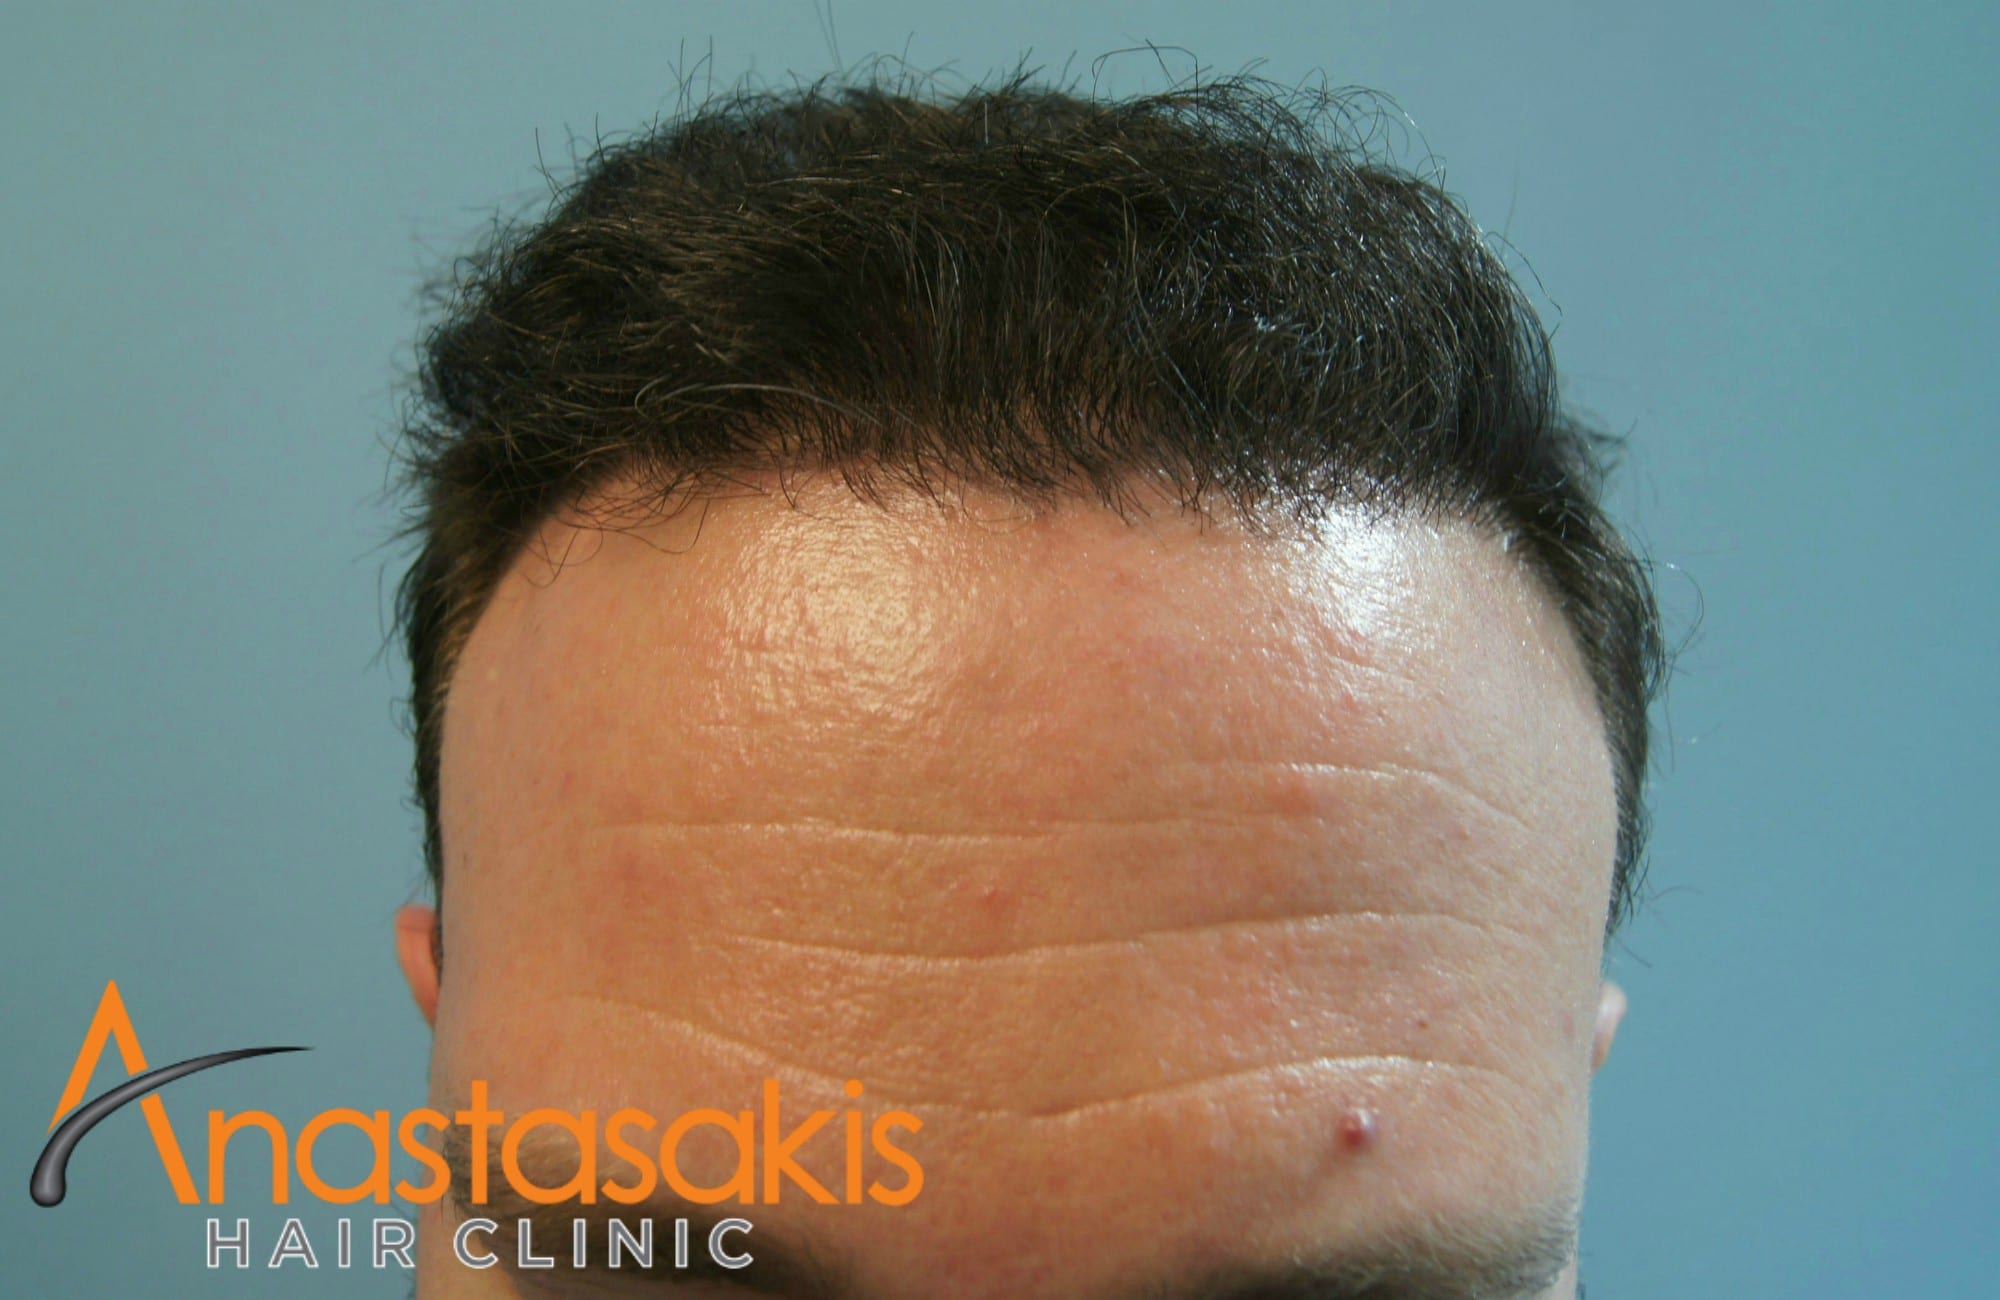 ανφας ασθενους μετα τη μεταμοσχευση μαλλιων με 3000 fus